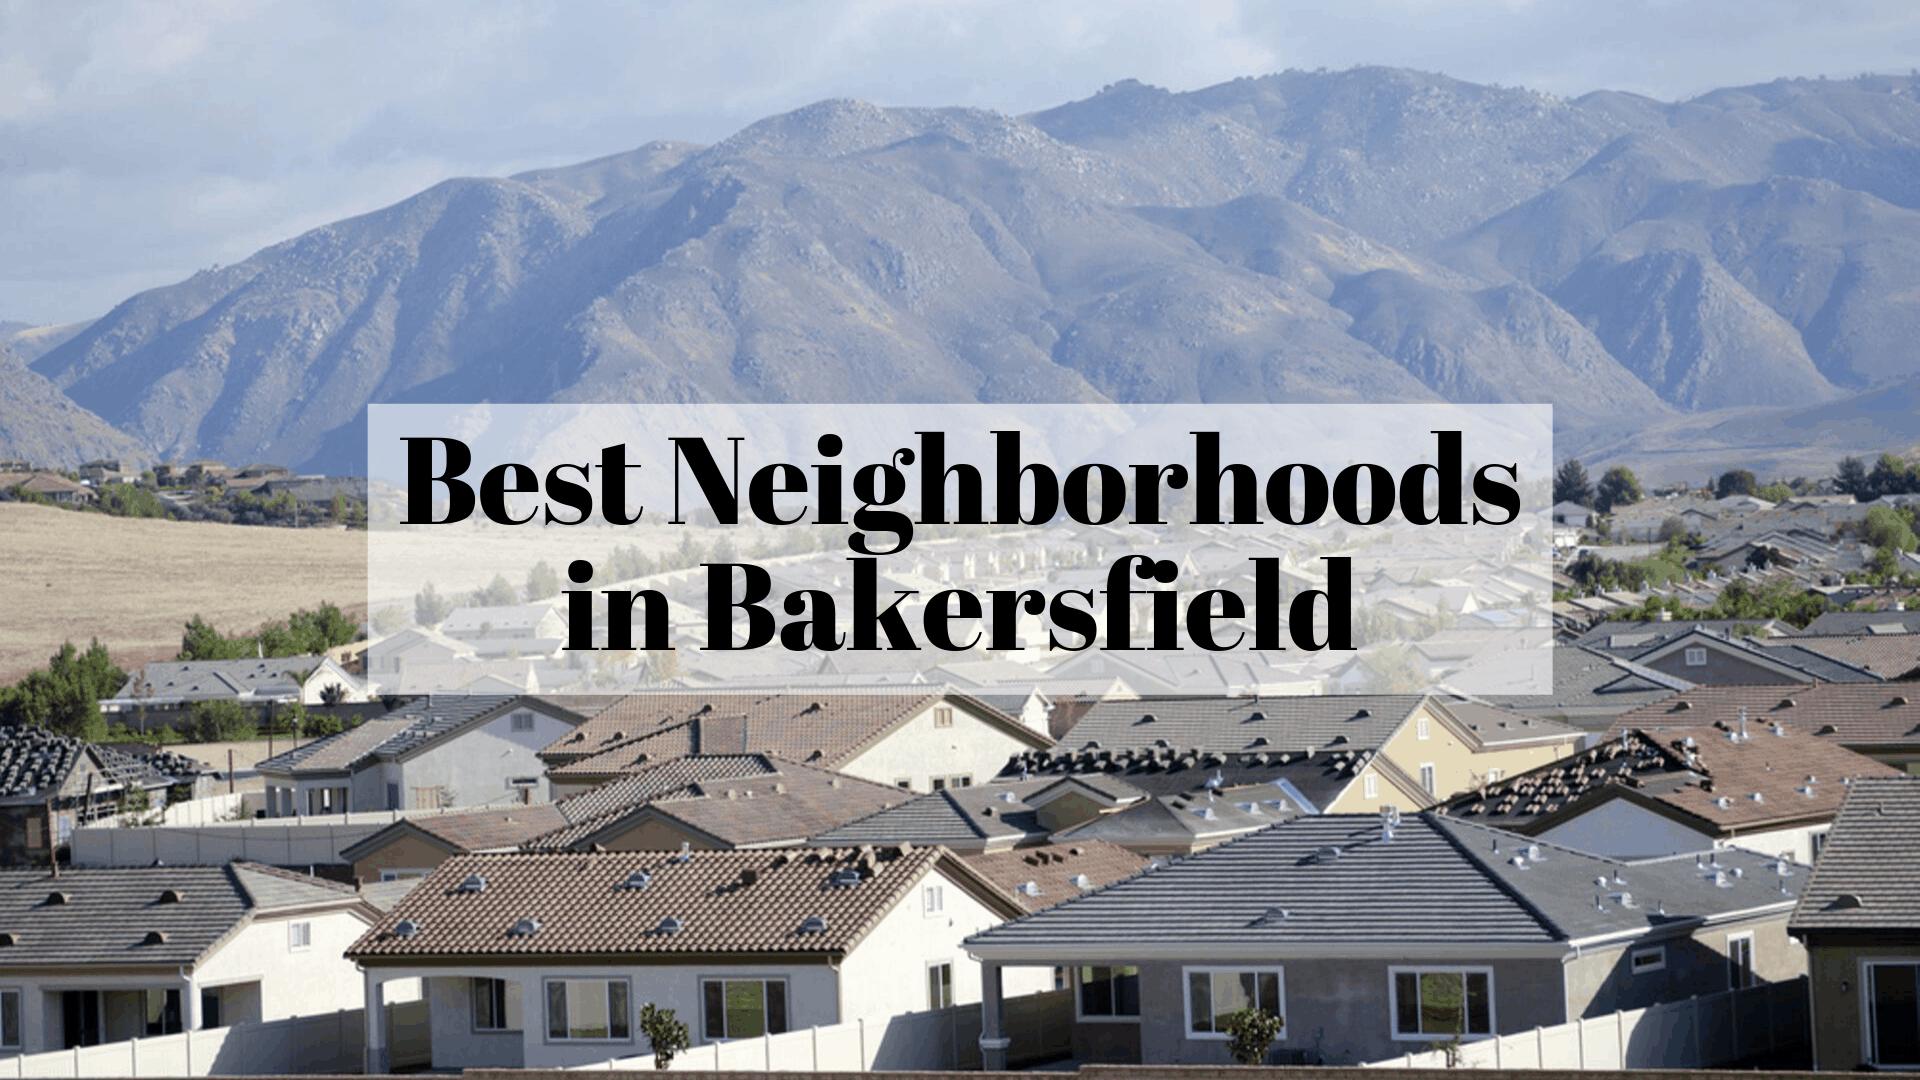 Best Neighborhoods in Bakersfield